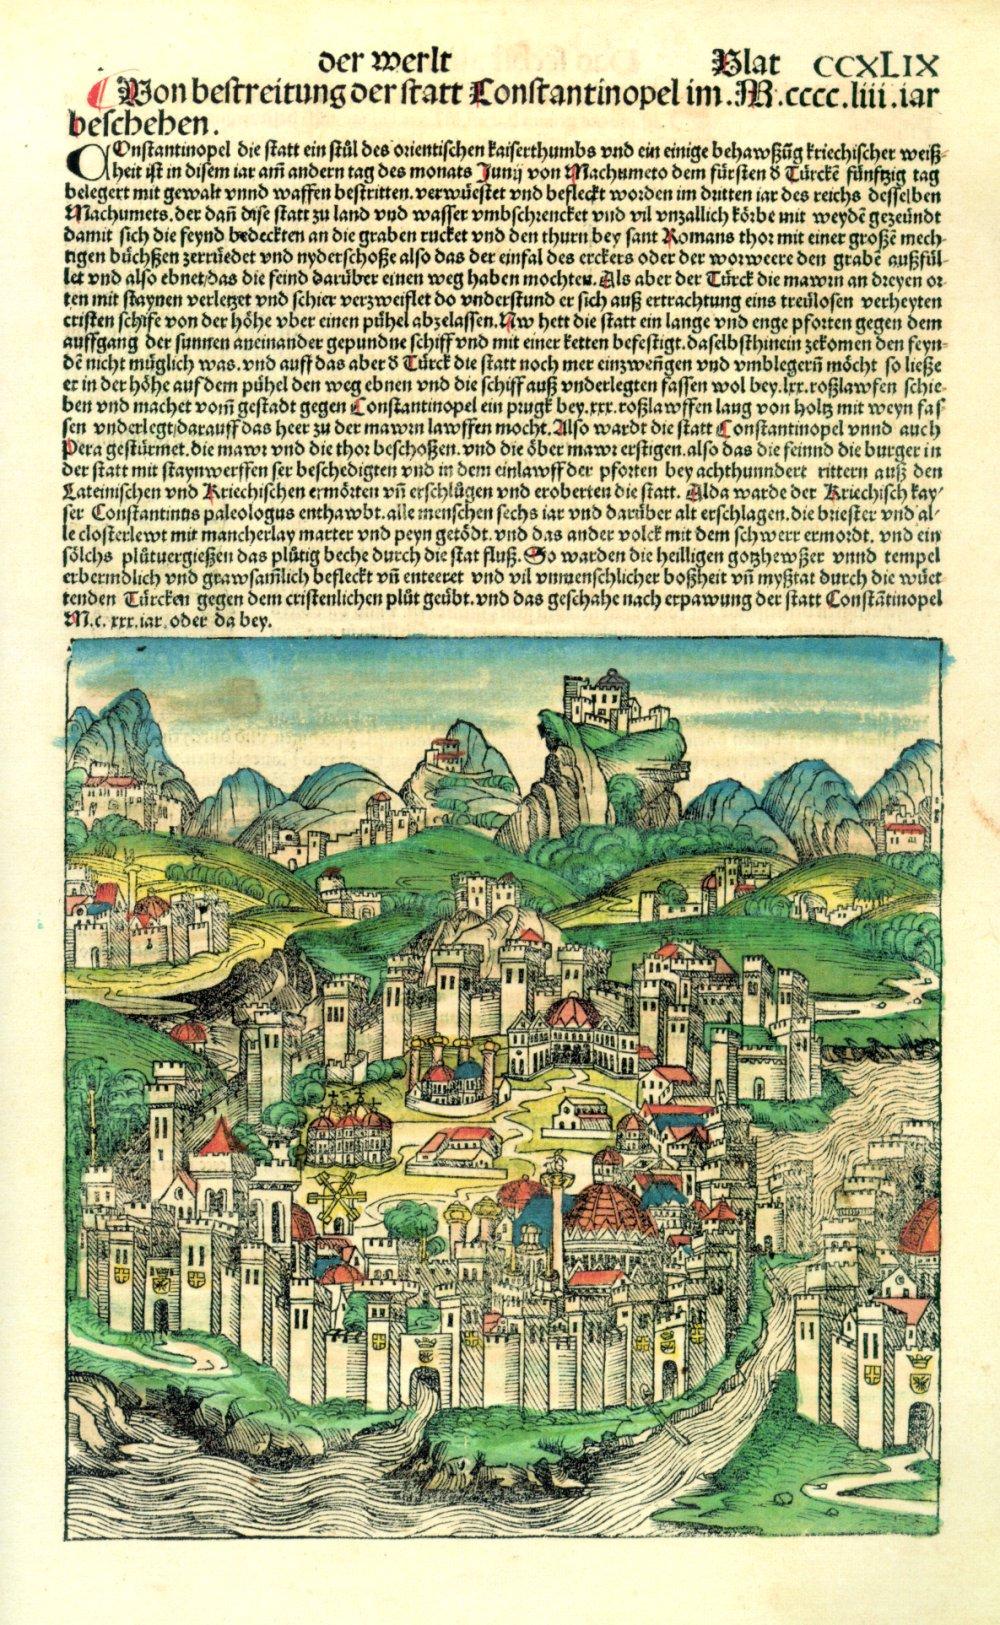 Salah satu halaman dariNuremberg Chronicle, yang menampilkan deskripsi dan ilustrasi kota Konstantinopel. Sumber gambar: wikimedia.org